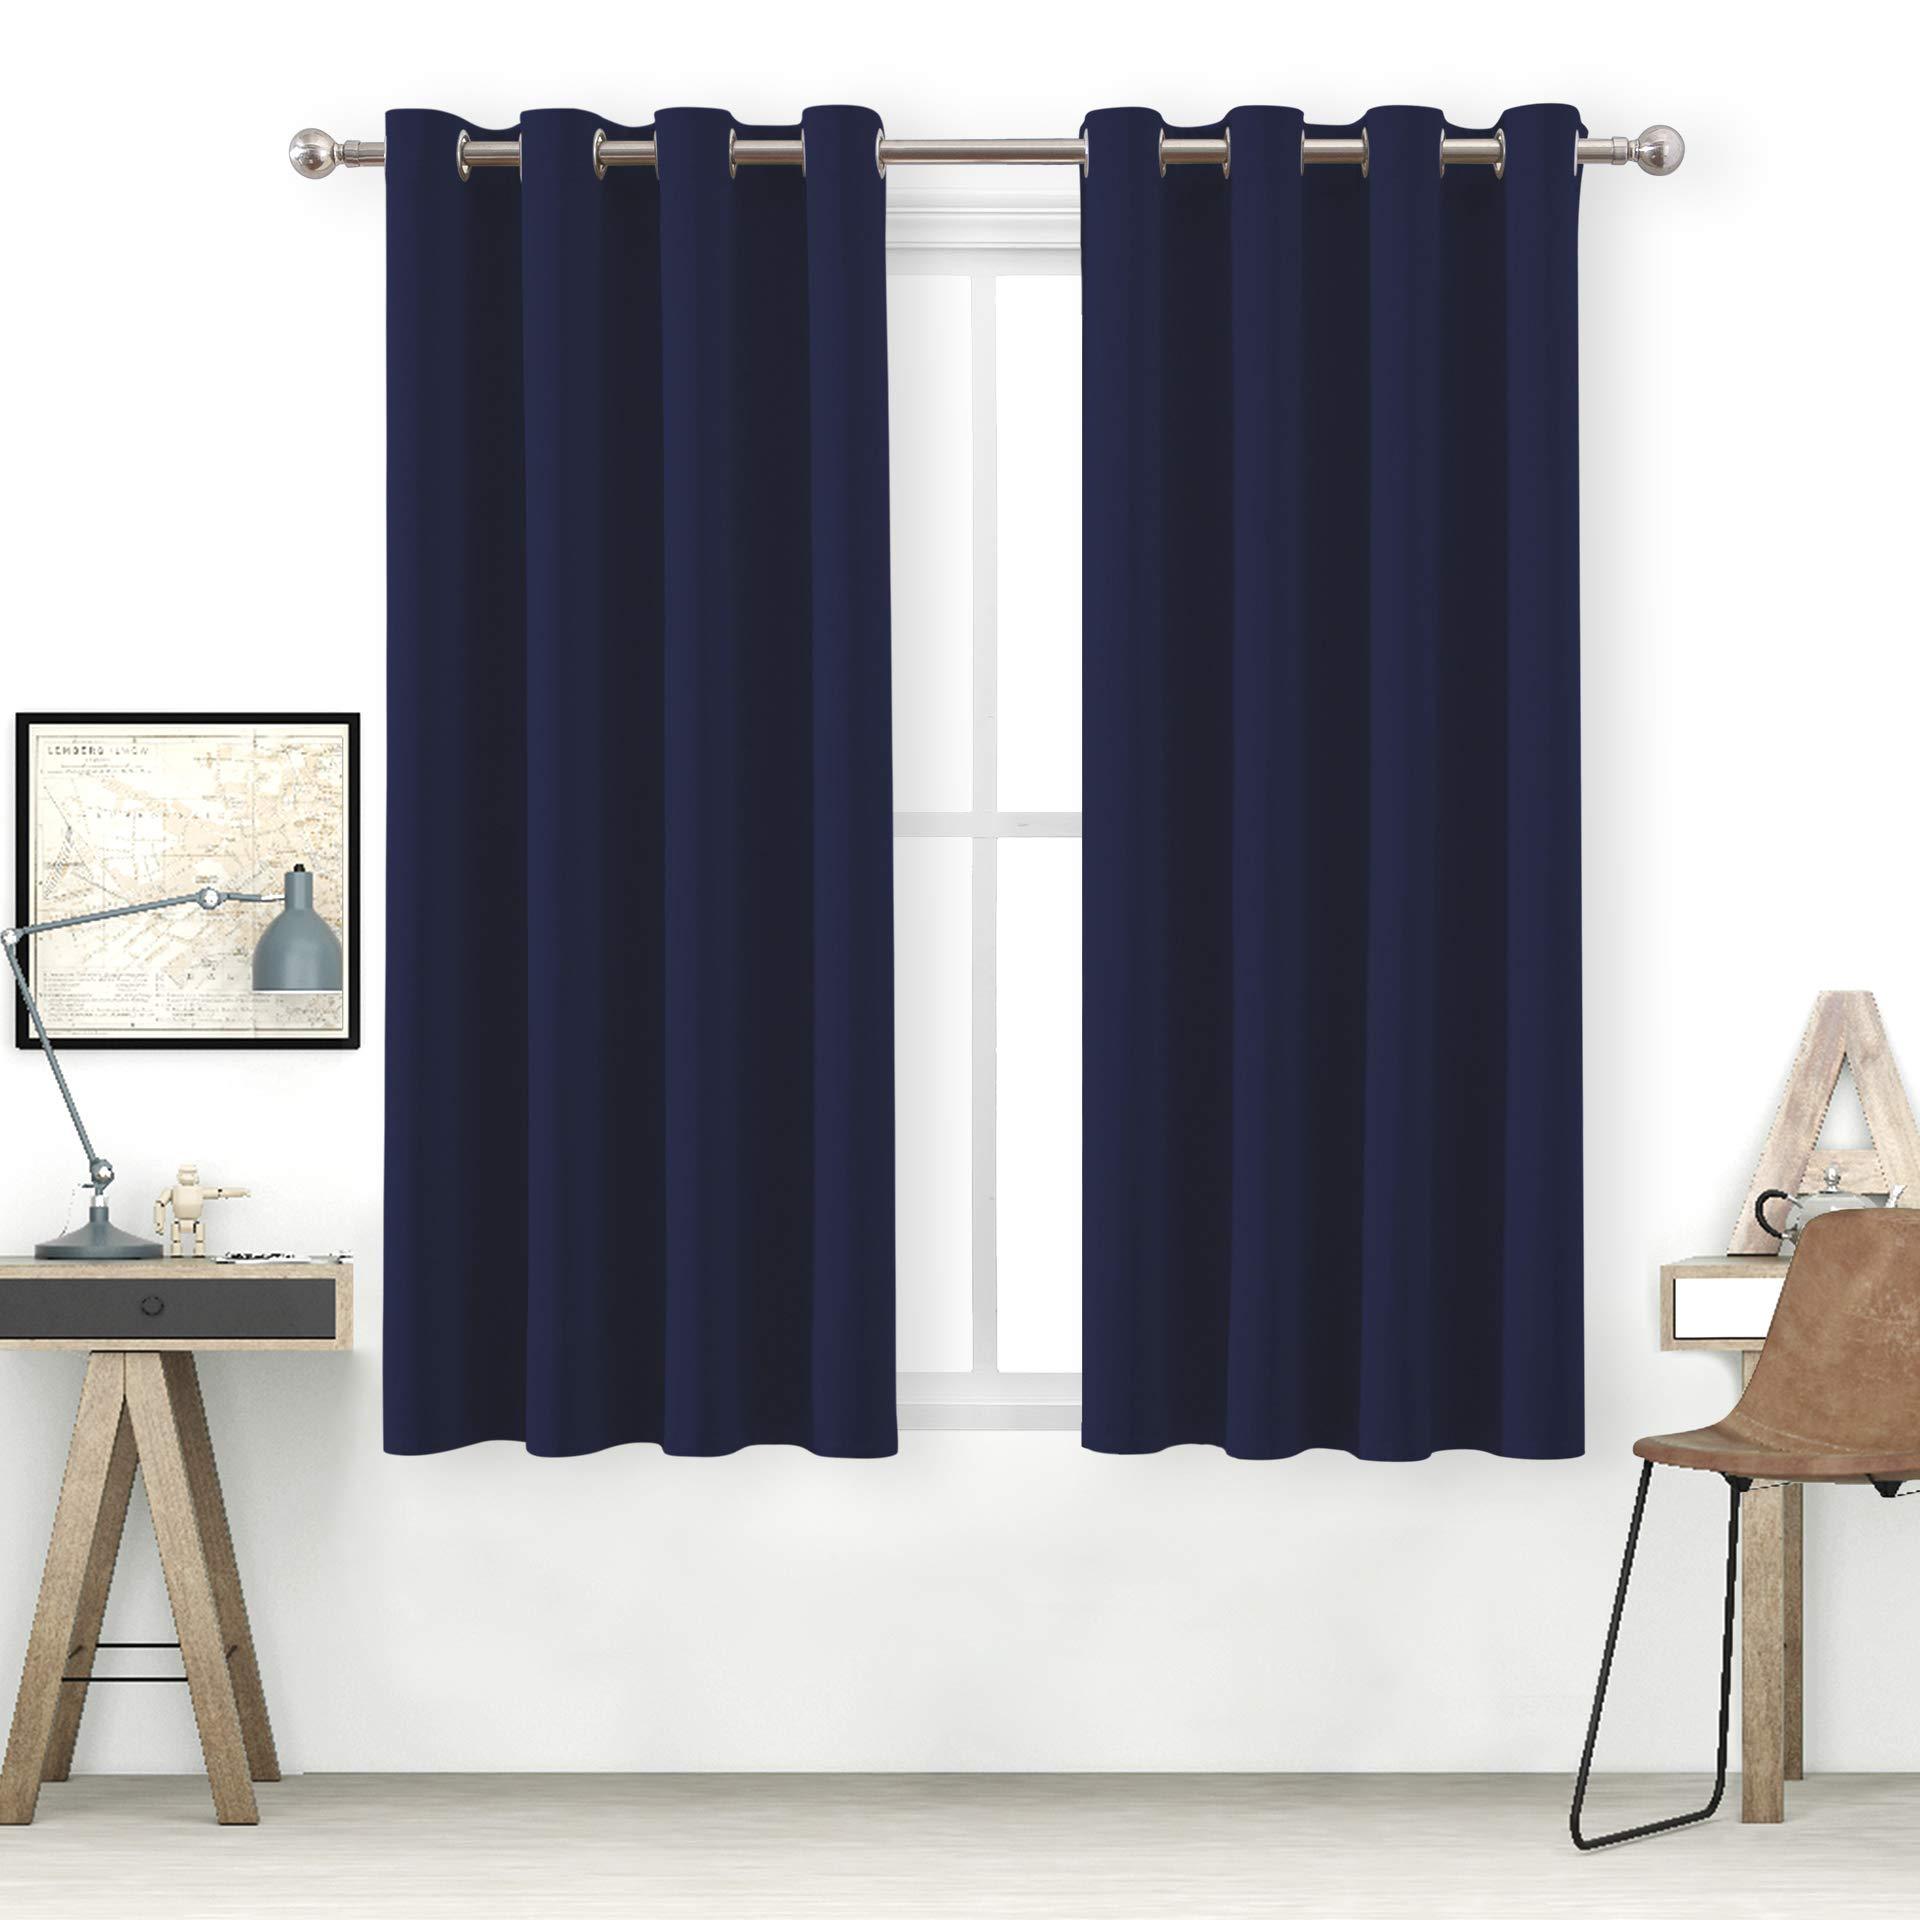 bluCOASTLINE Blackout Curtains for Bedroom Premium